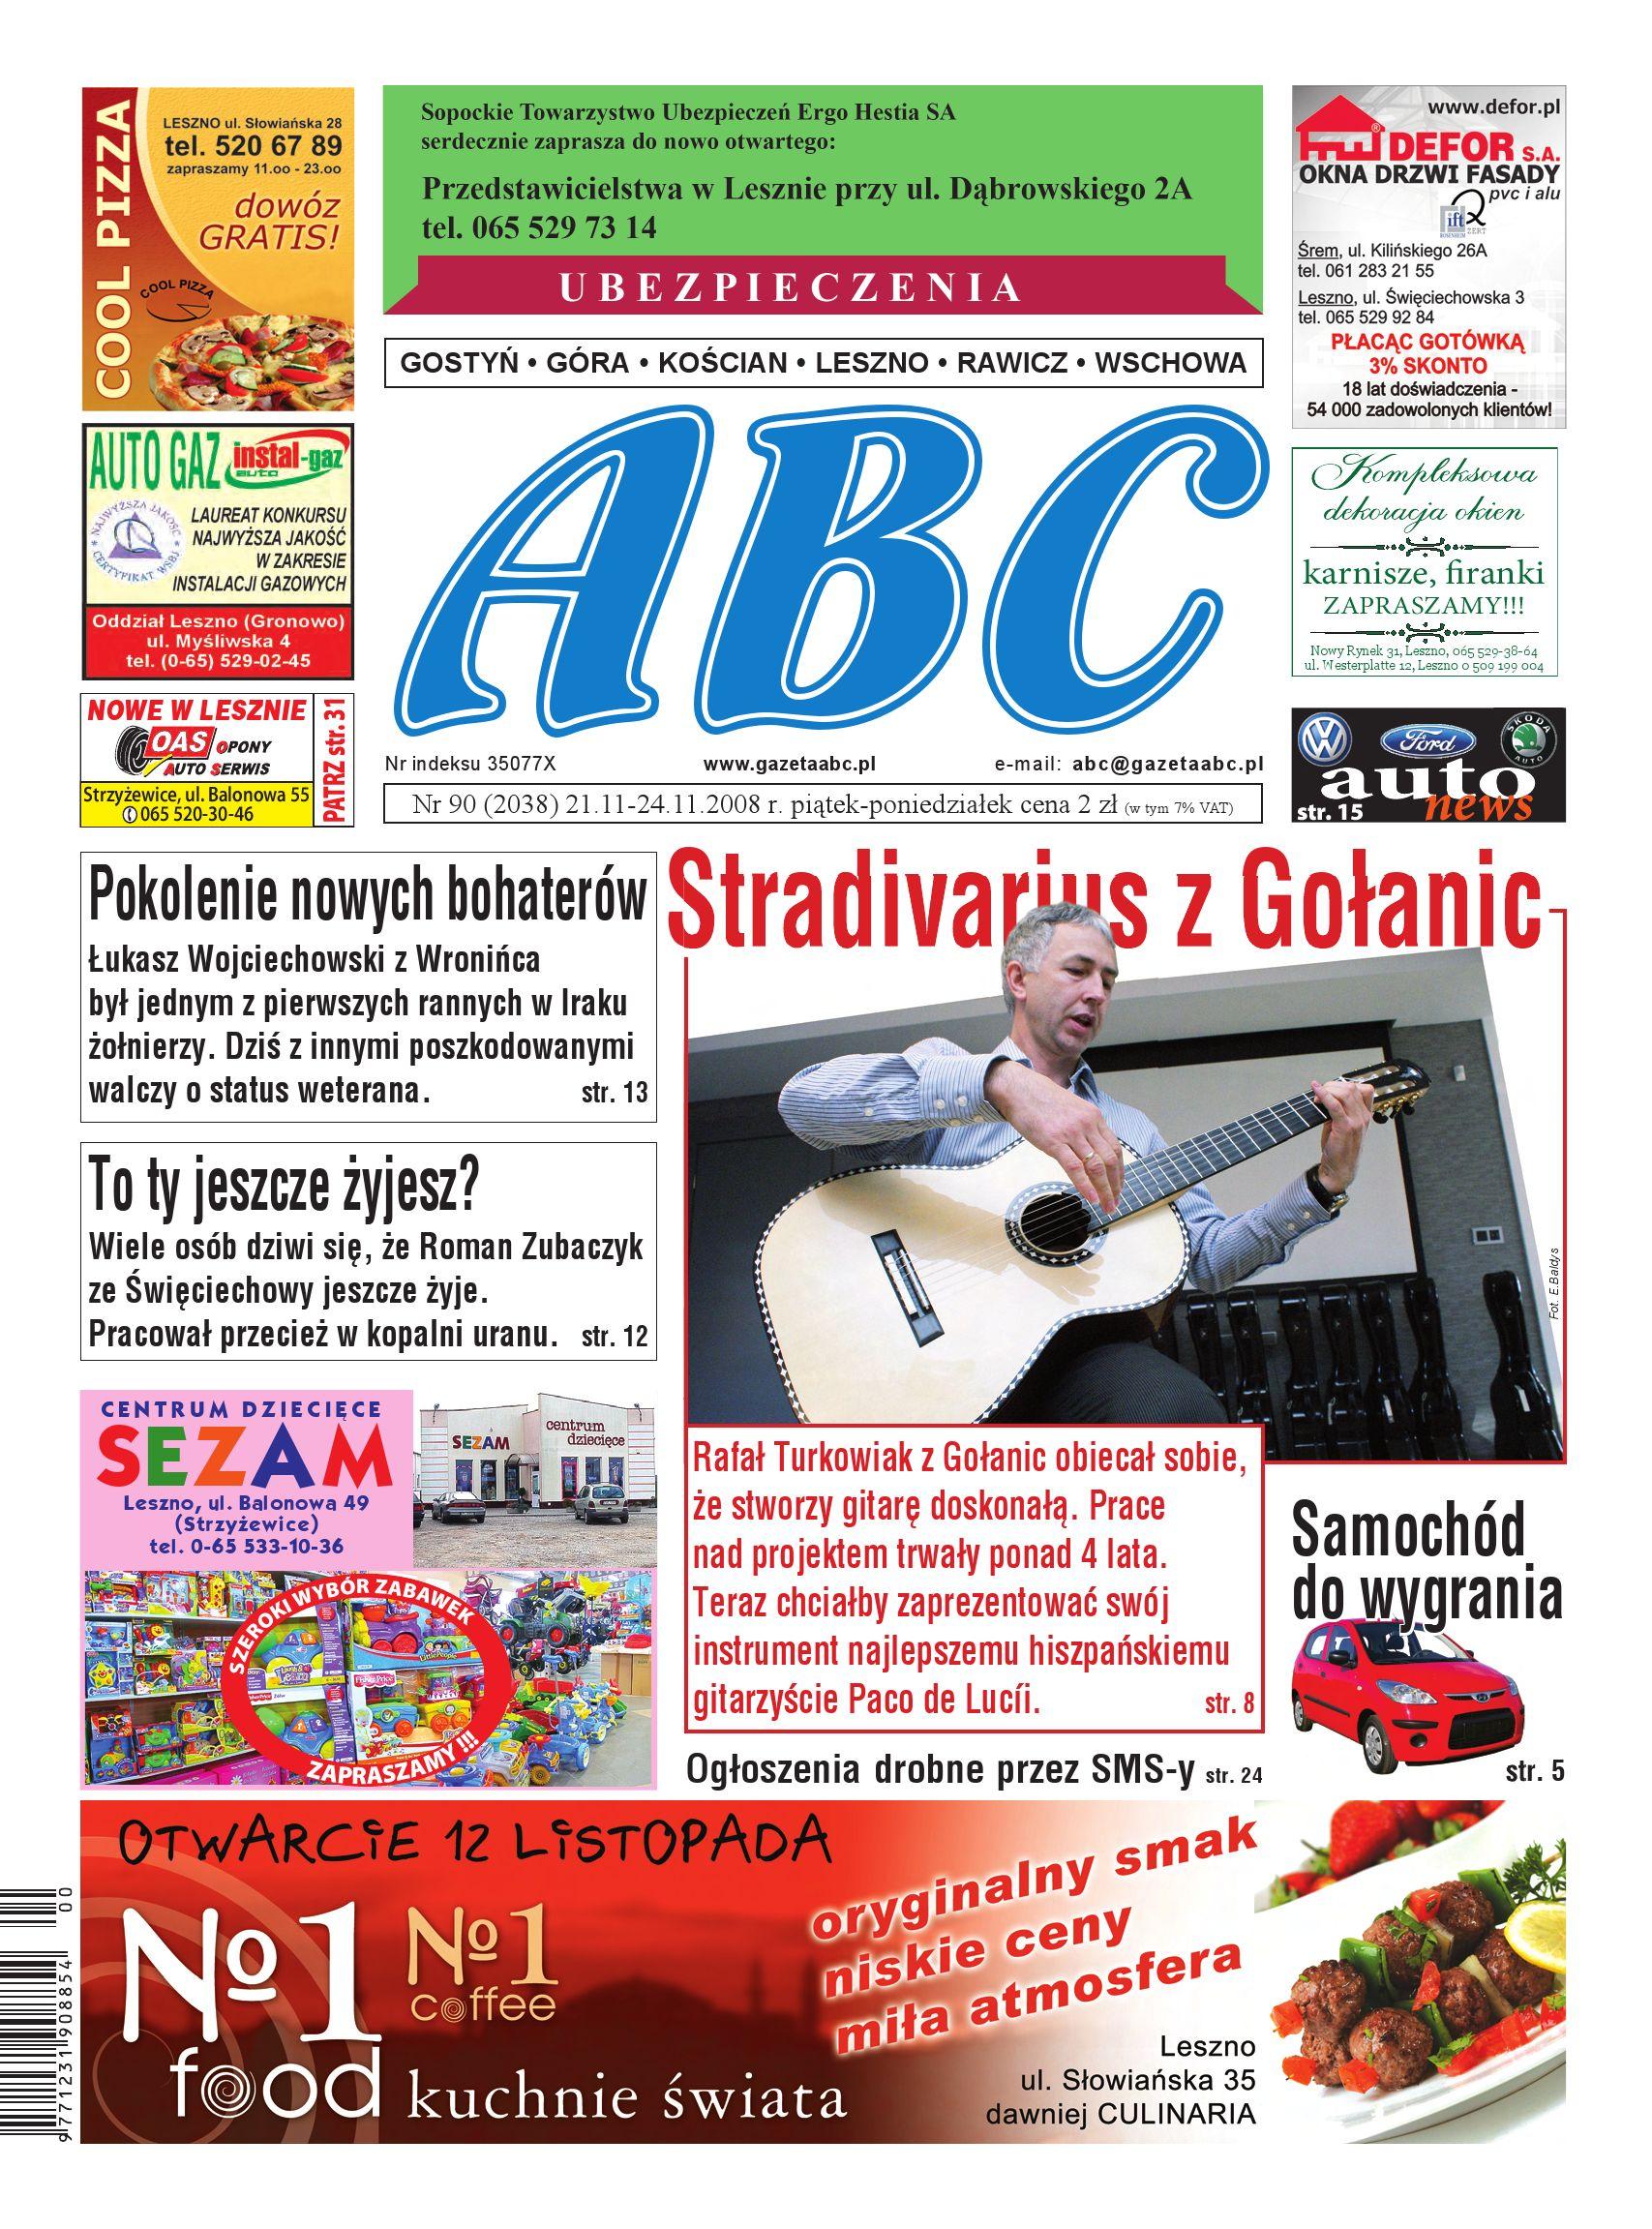 0835c785 Gazeta ABC - listopad 4 by Sekretarz redakcji - issuu